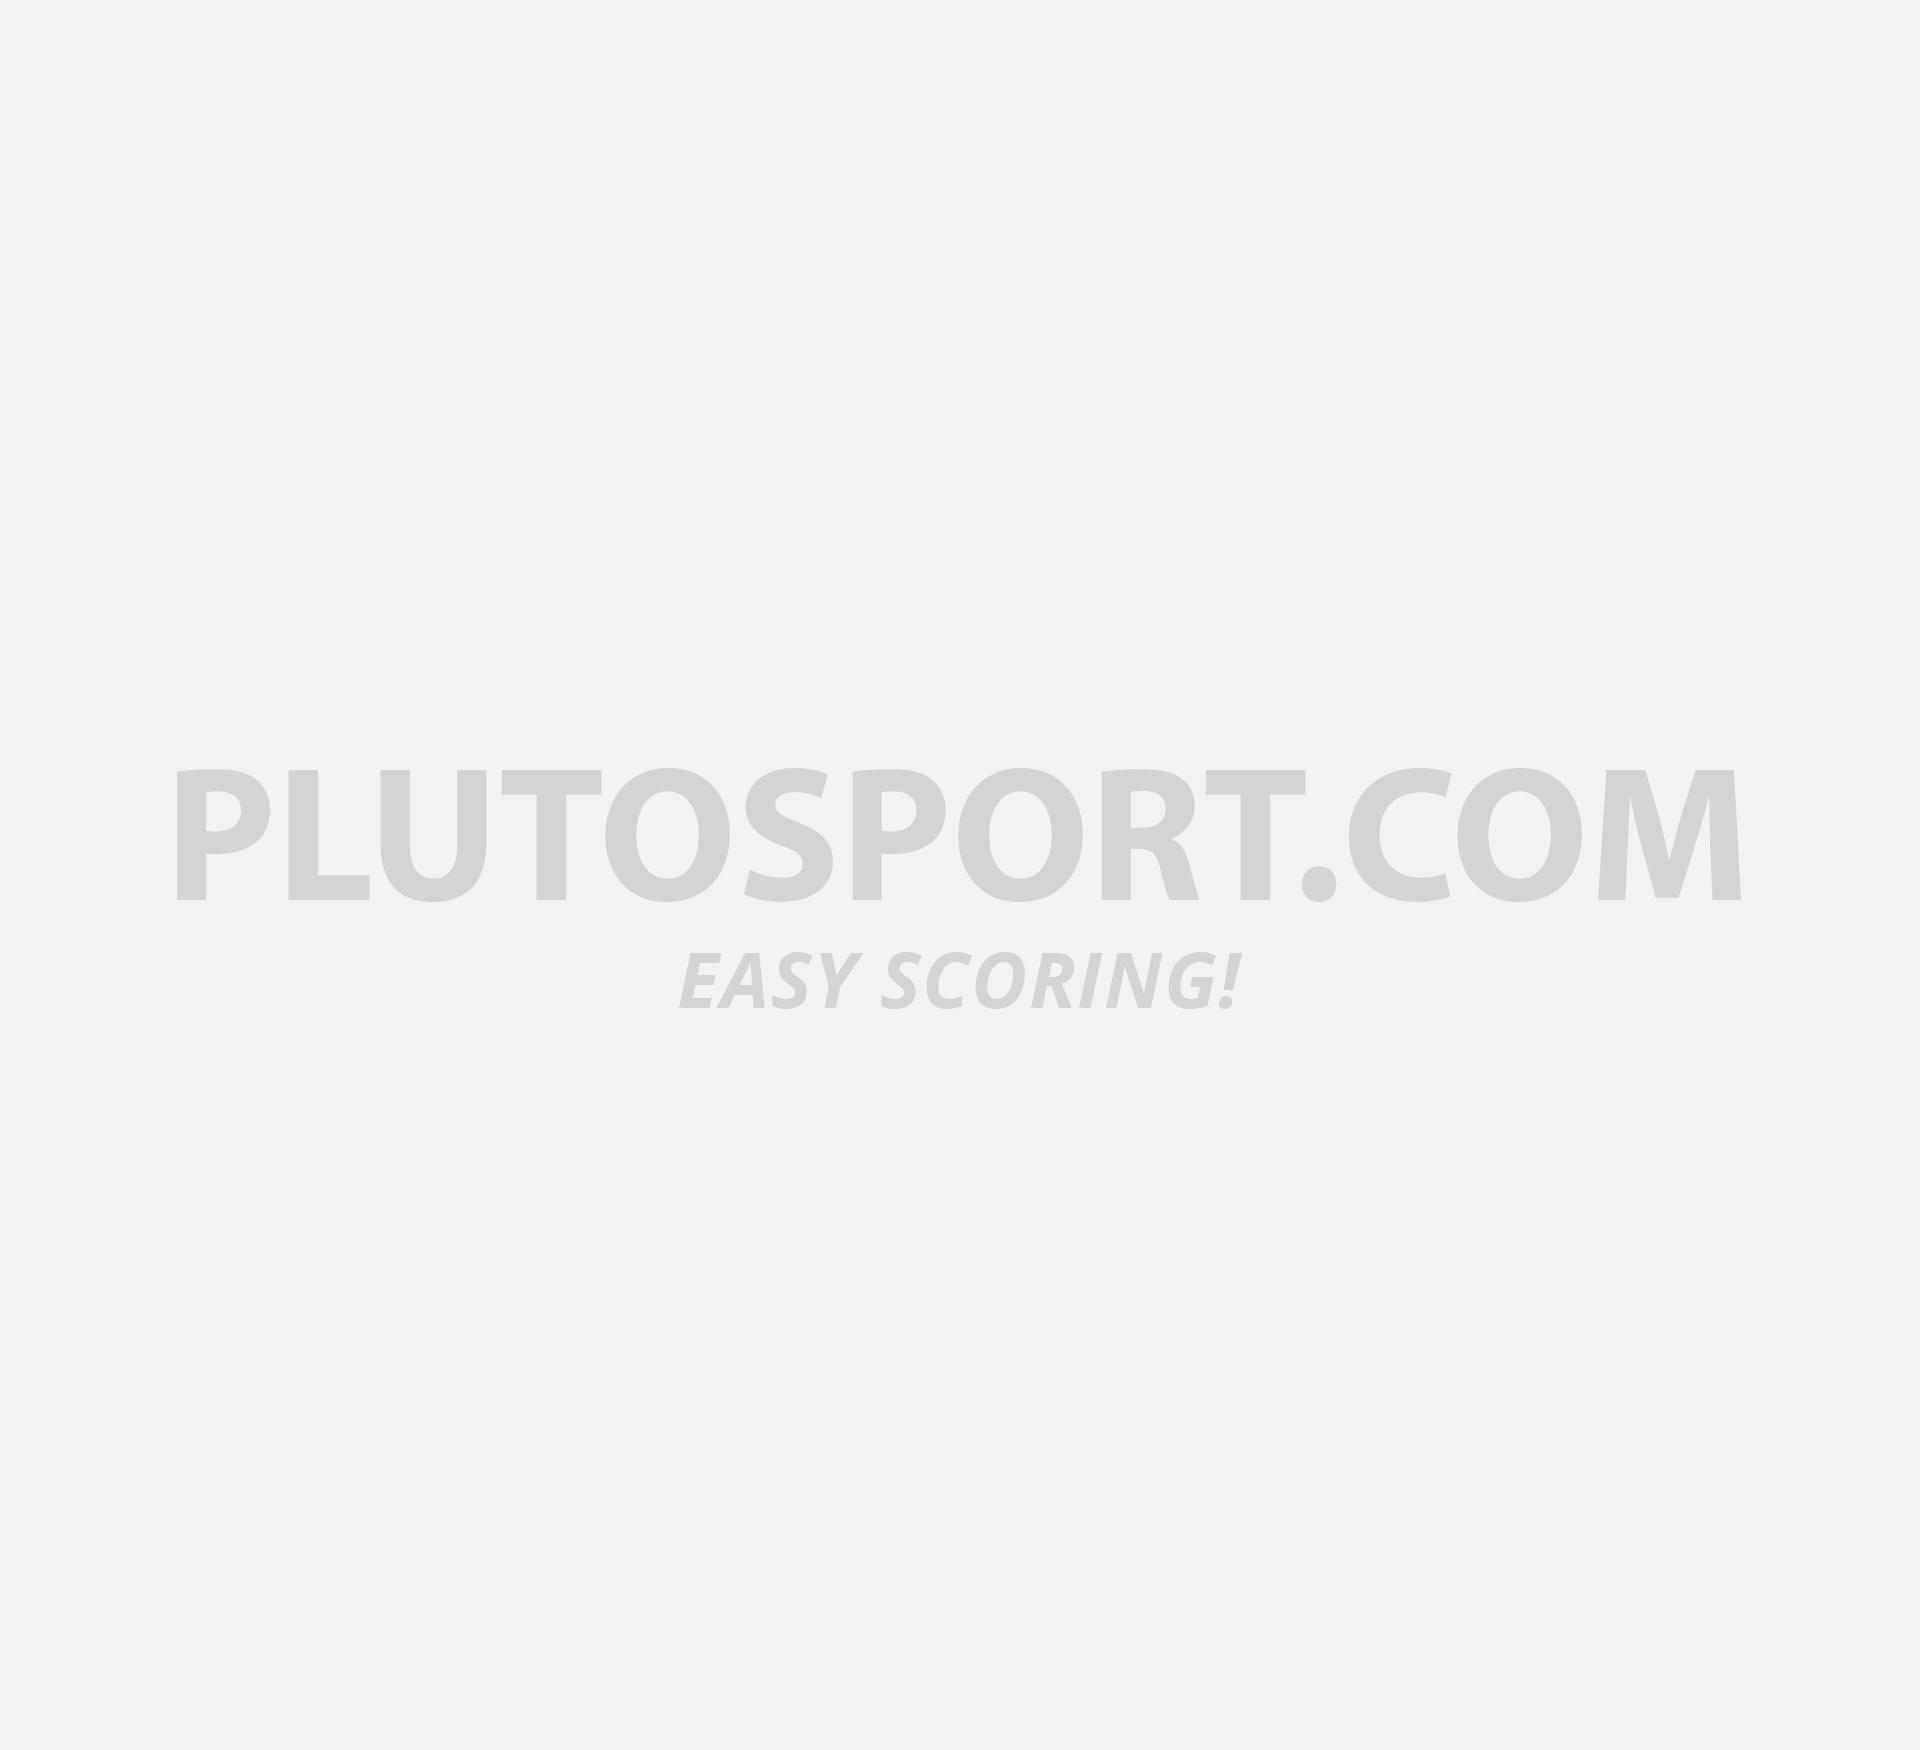 Asics Gel-dedicar El 3 Oc Zapatos Pista De Tenis F91z4Q65Sg